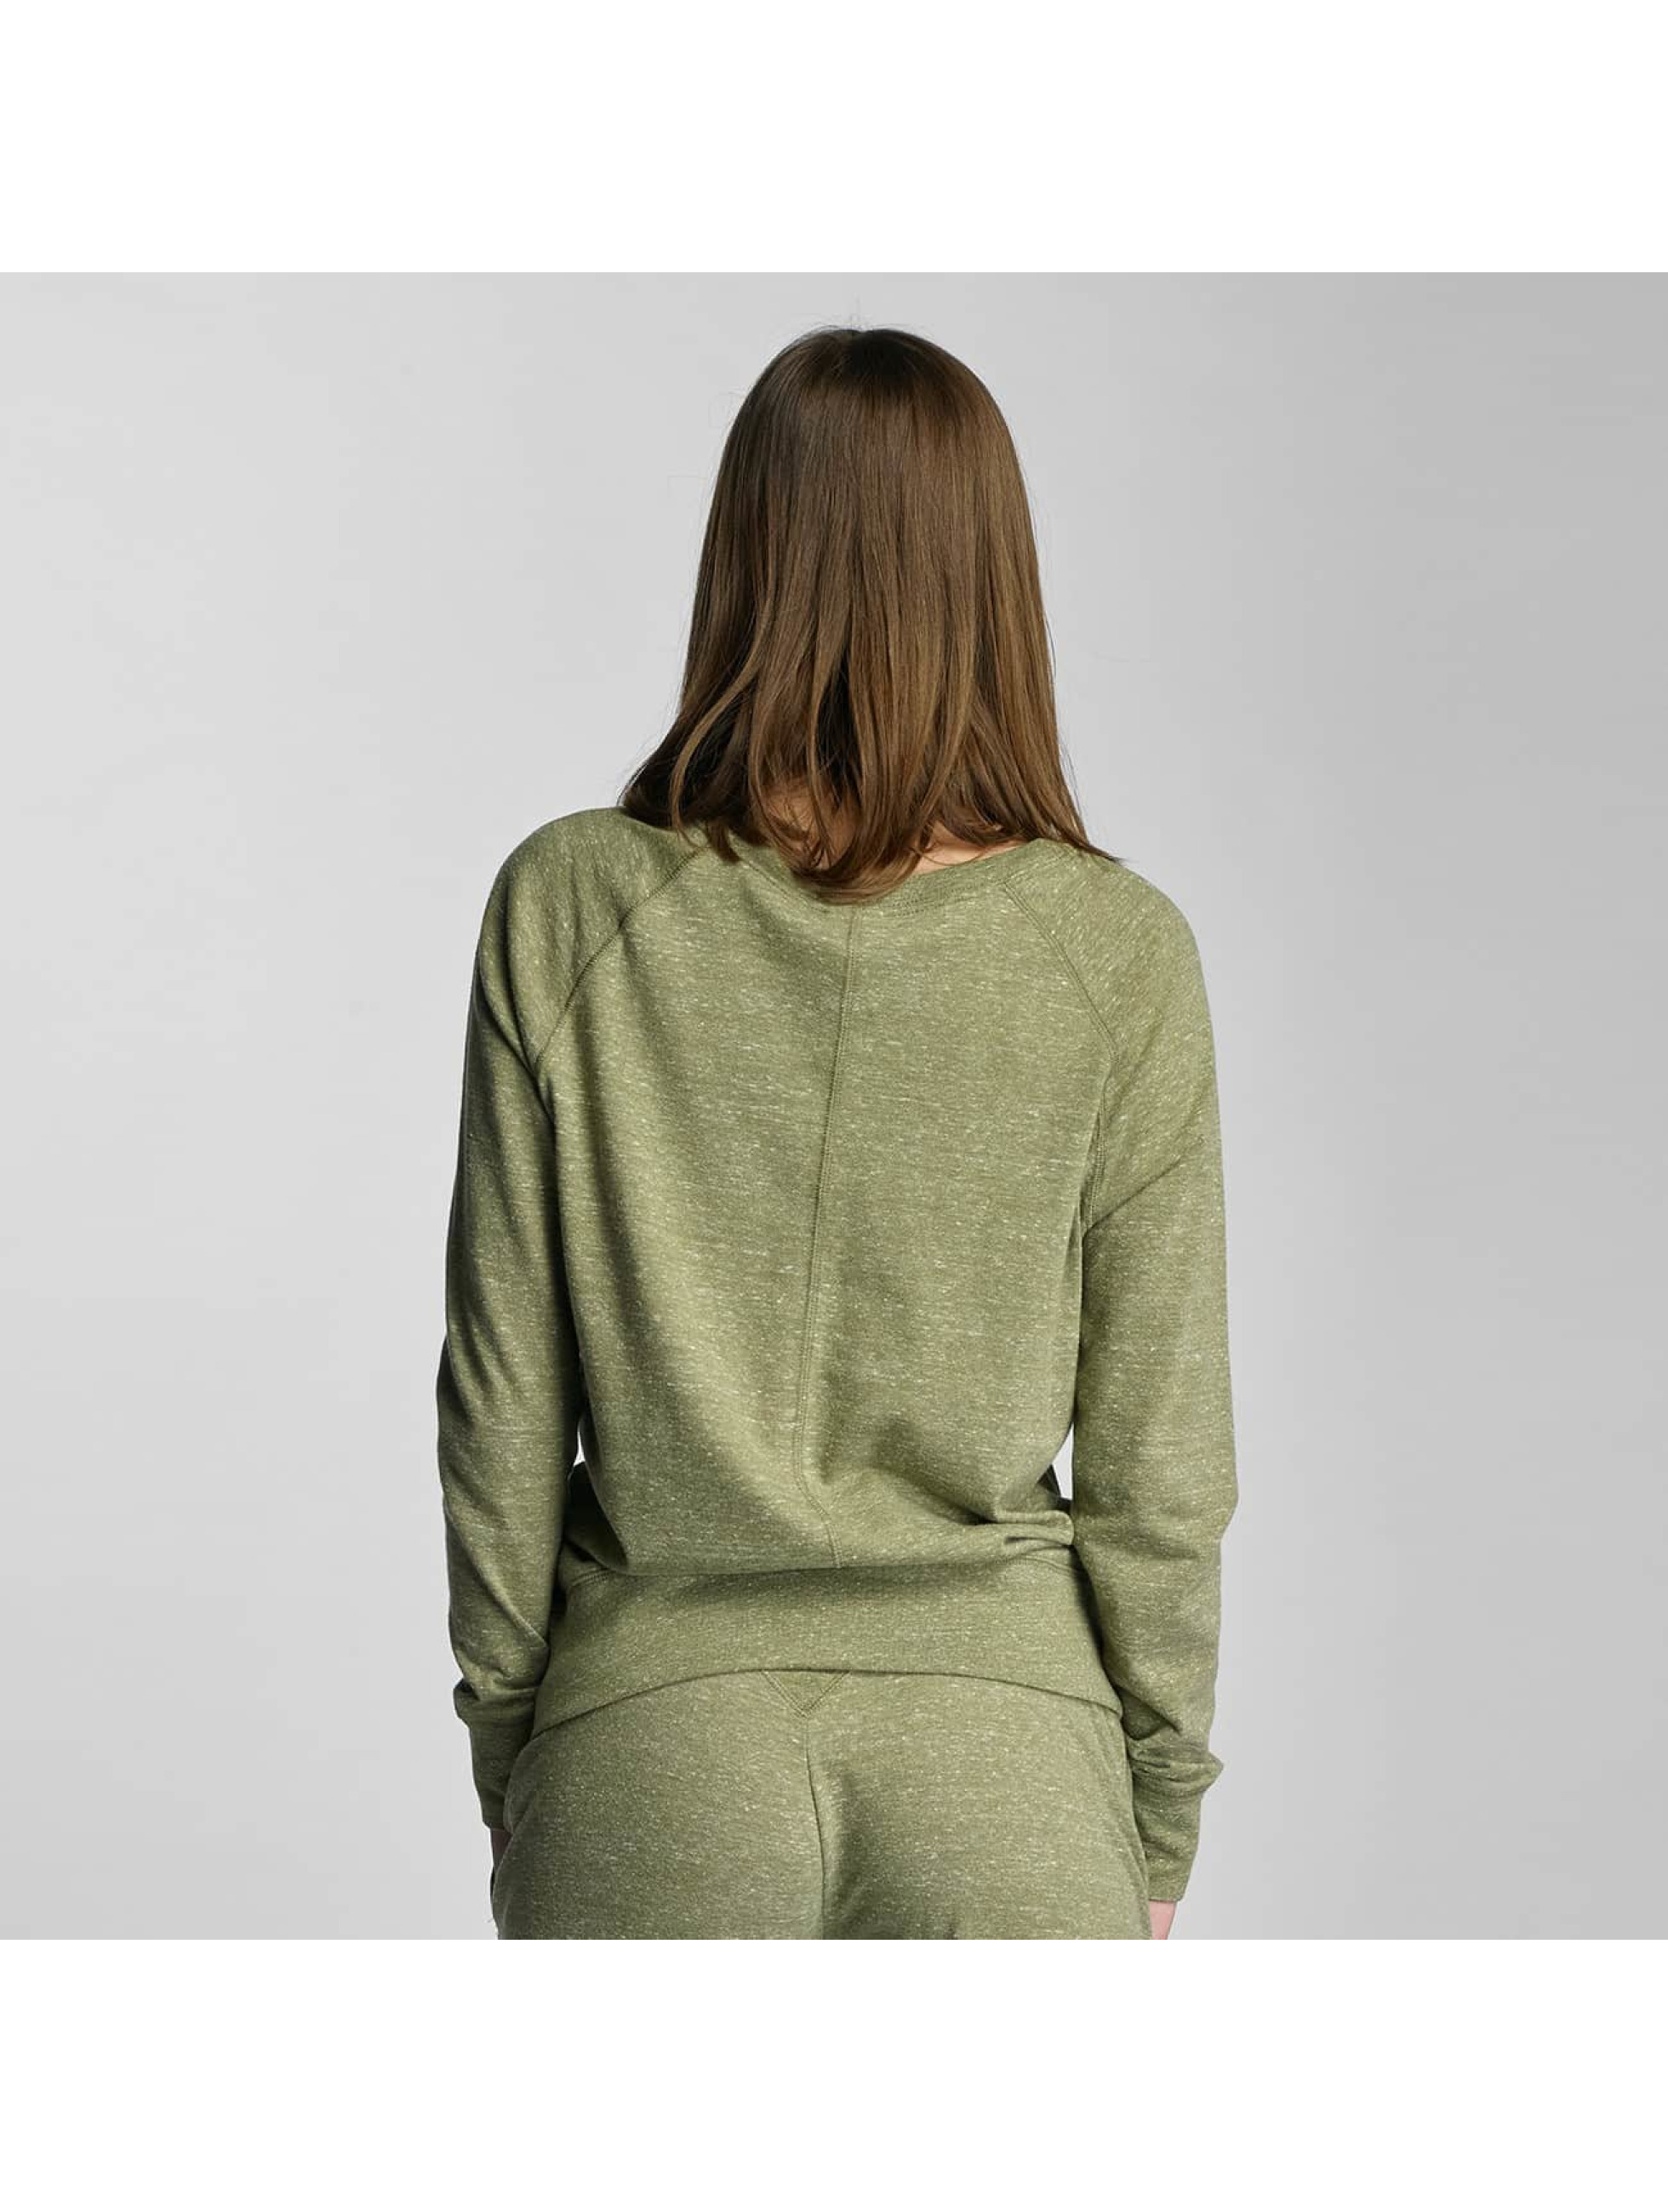 nike damen pullover gym vintage in olive 295655. Black Bedroom Furniture Sets. Home Design Ideas